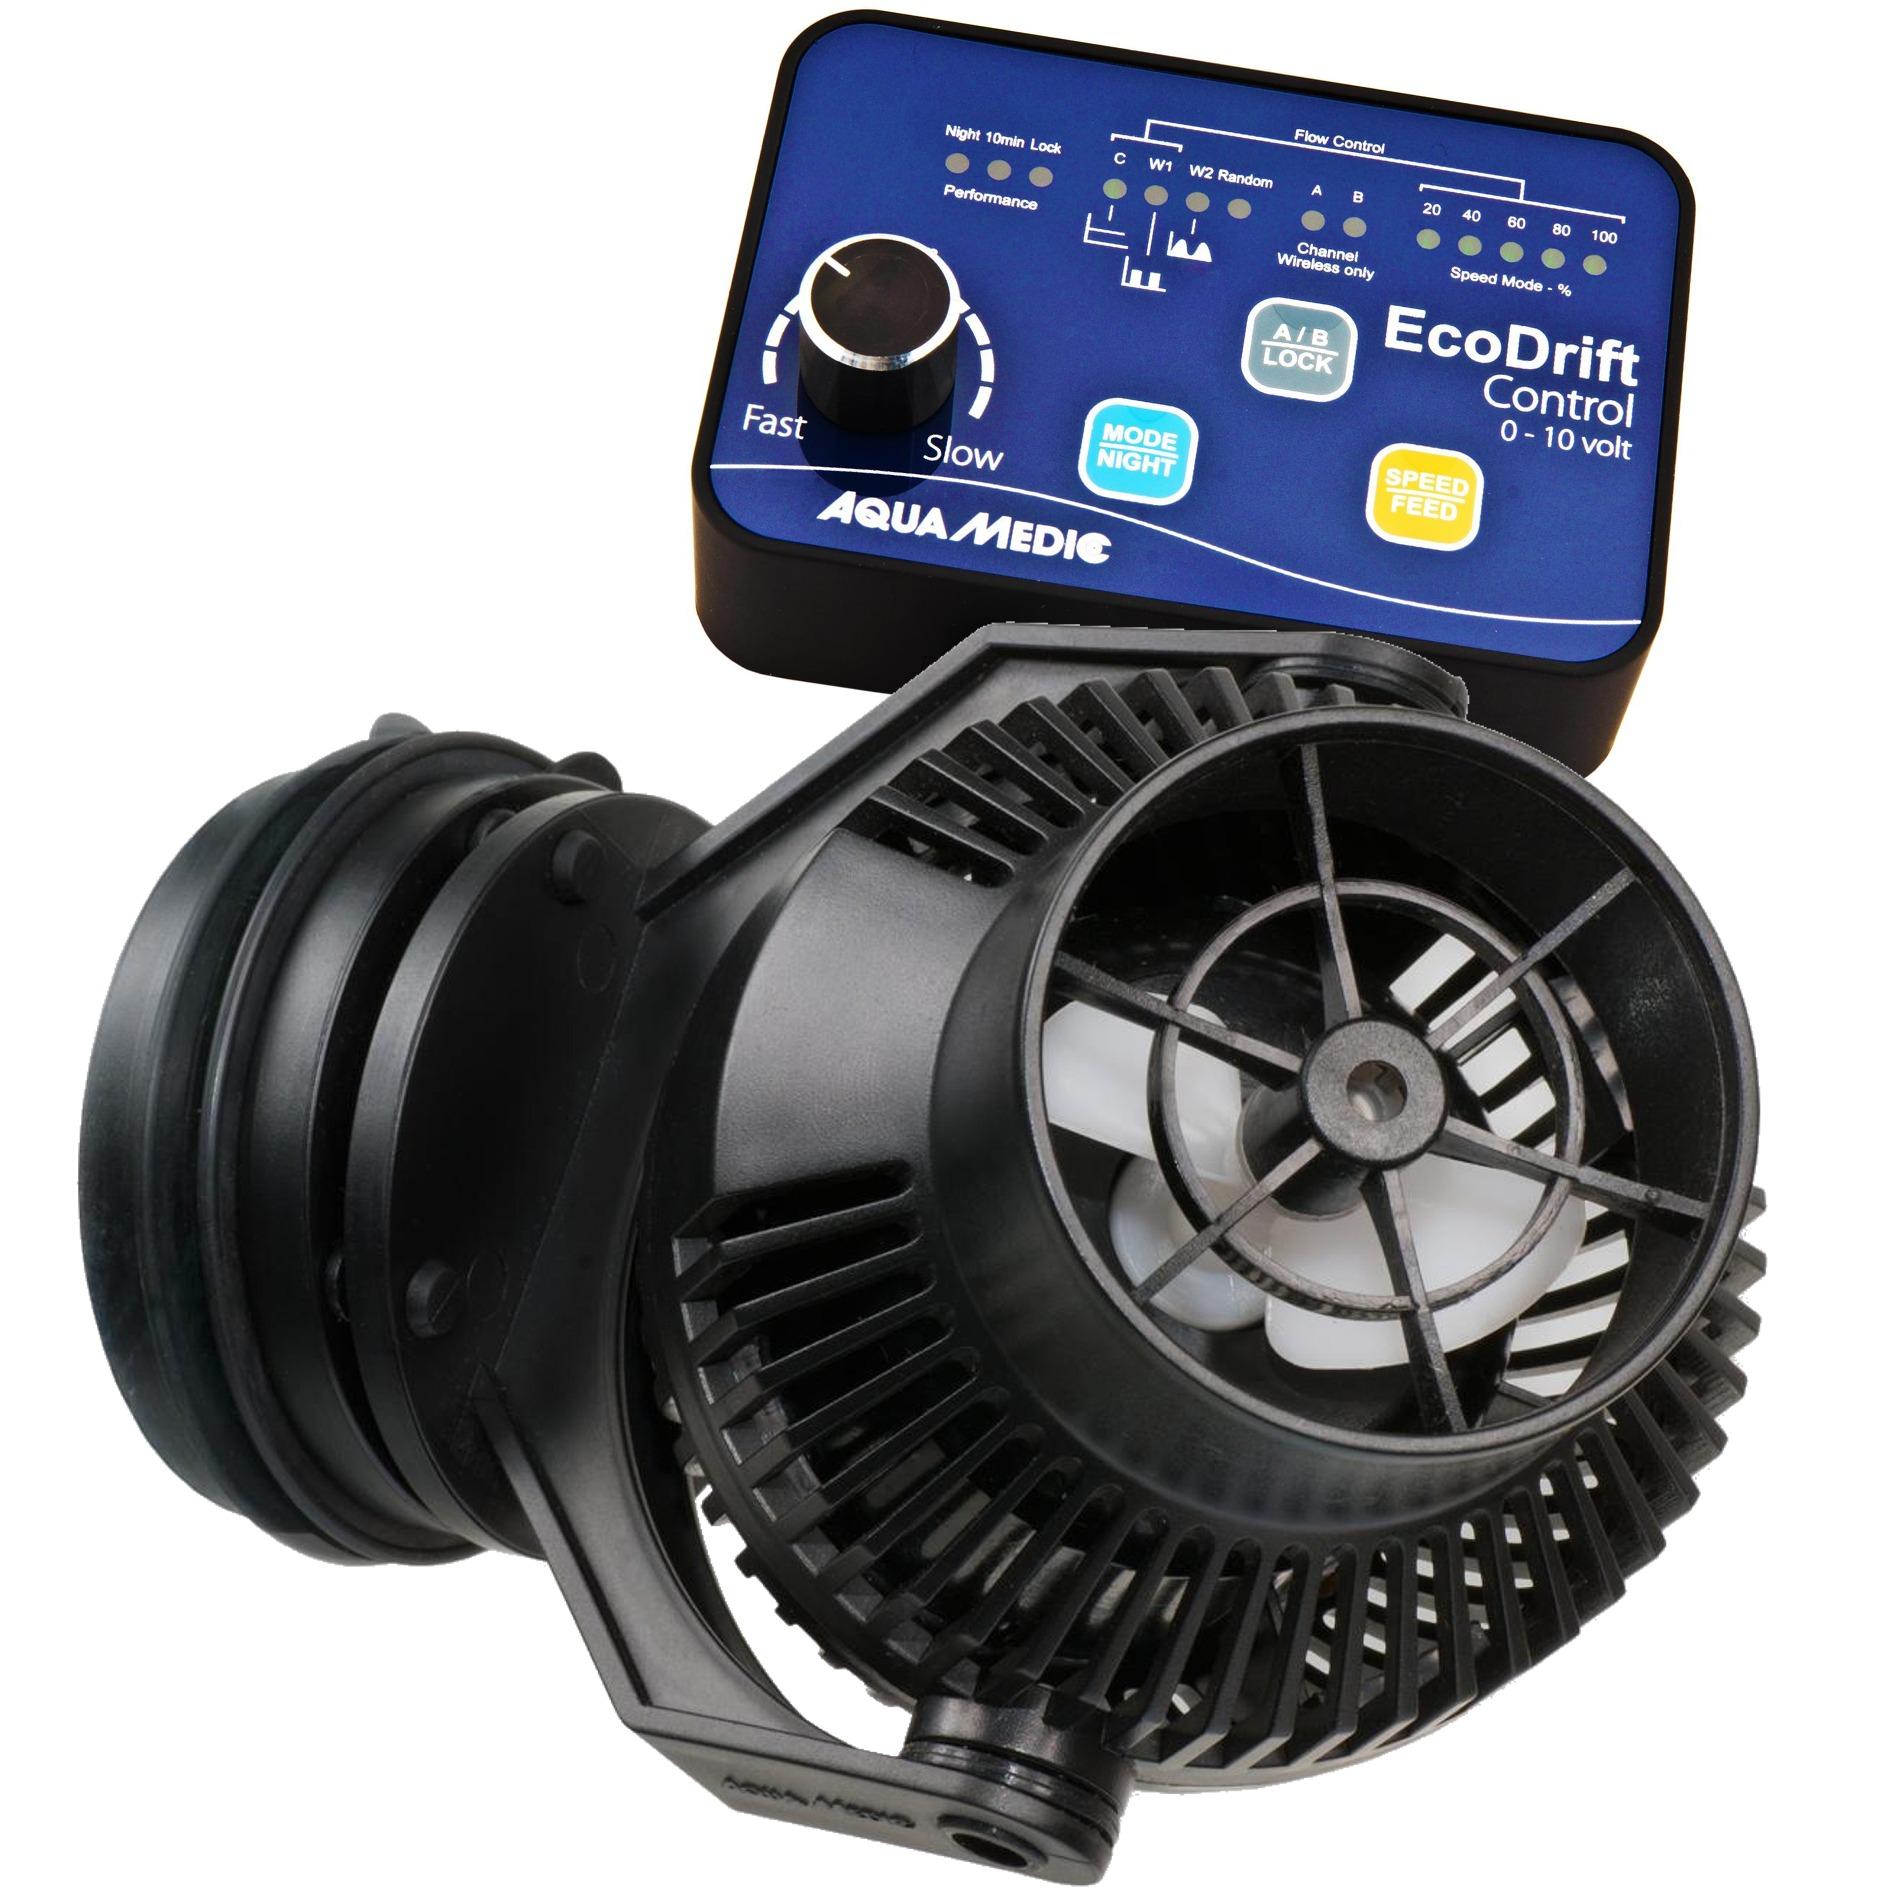 AQUA MEDIC ECODrift 20.1 pompe de brassage 4000 à 20000 L/h avec contrôleur électronique pour aquarium jusqu\' à 2000L